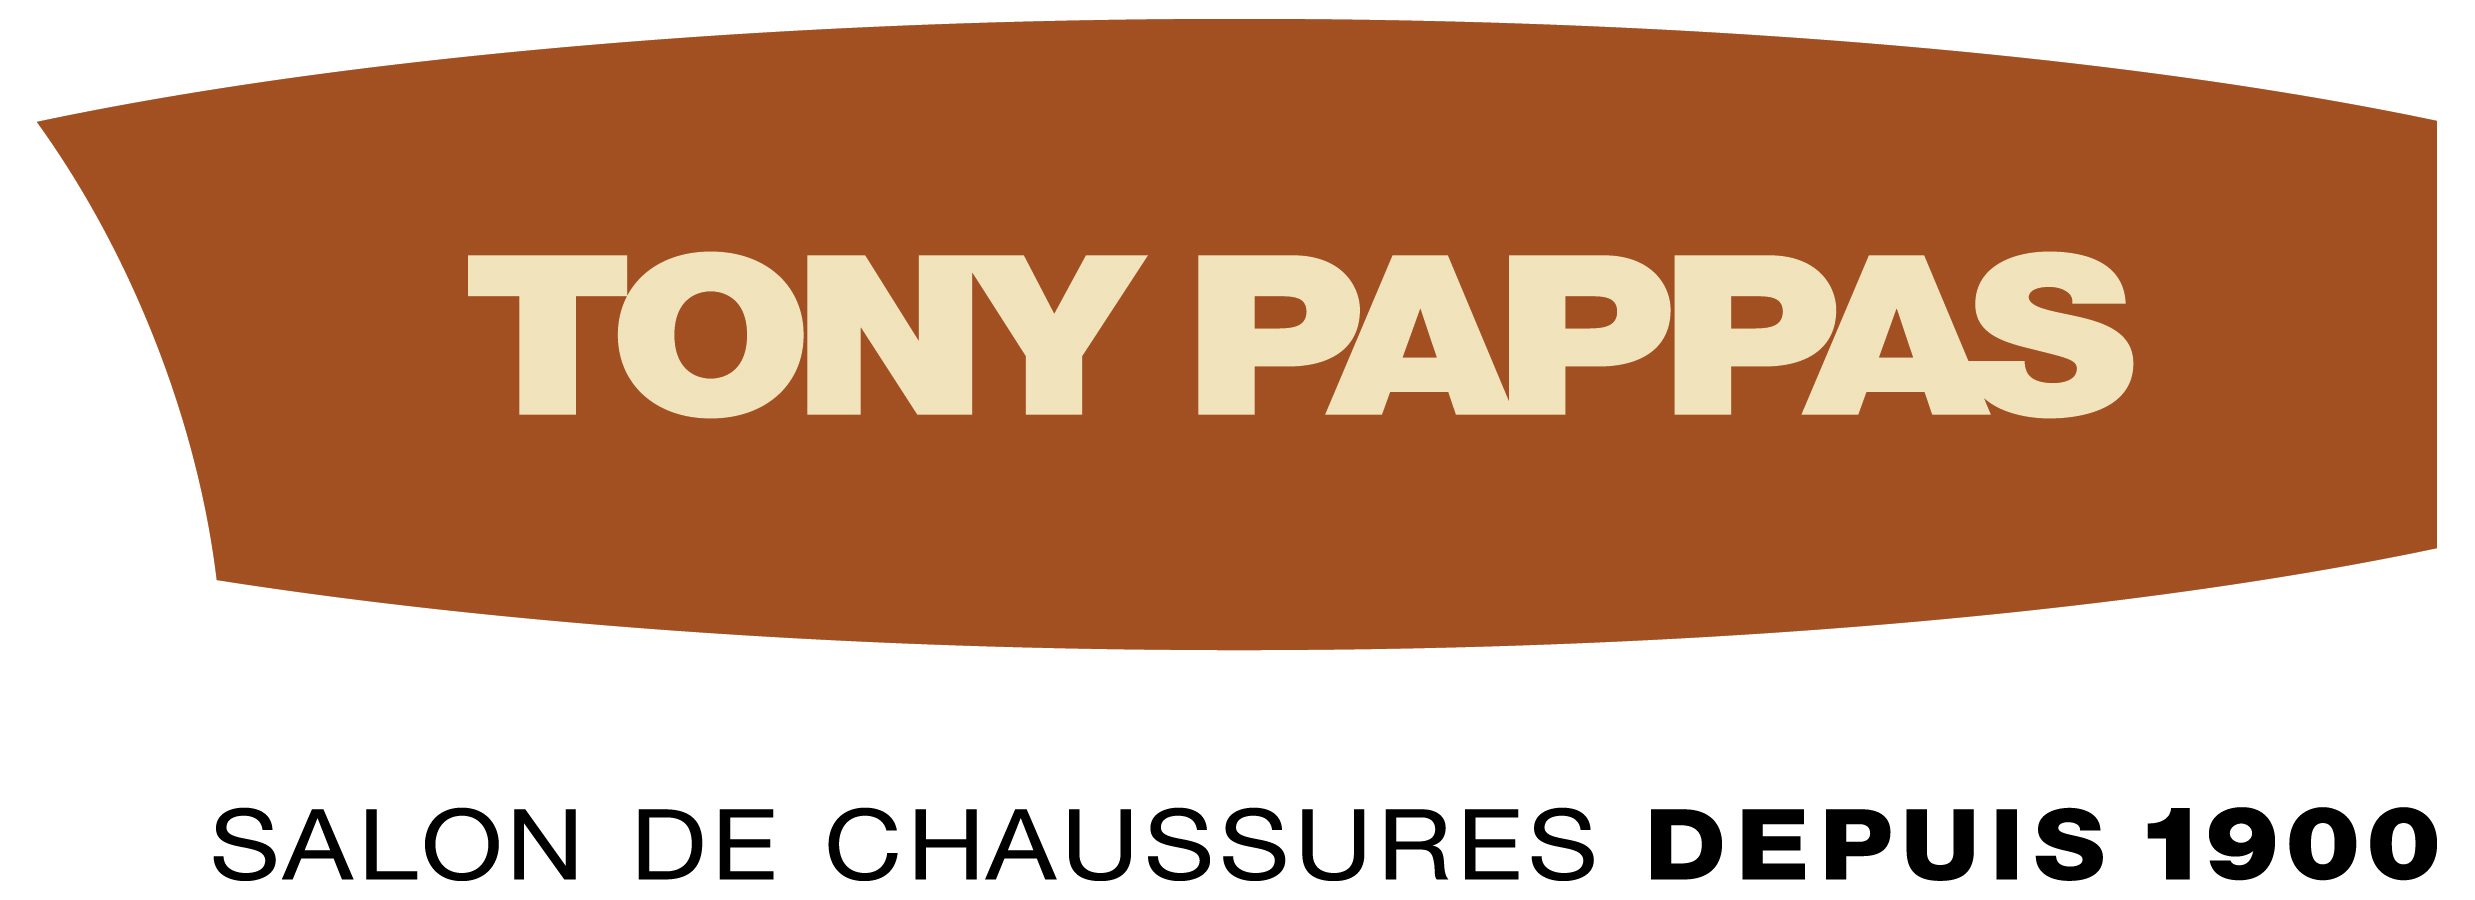 Tony Pappas - Magasin de bottes et chaussures